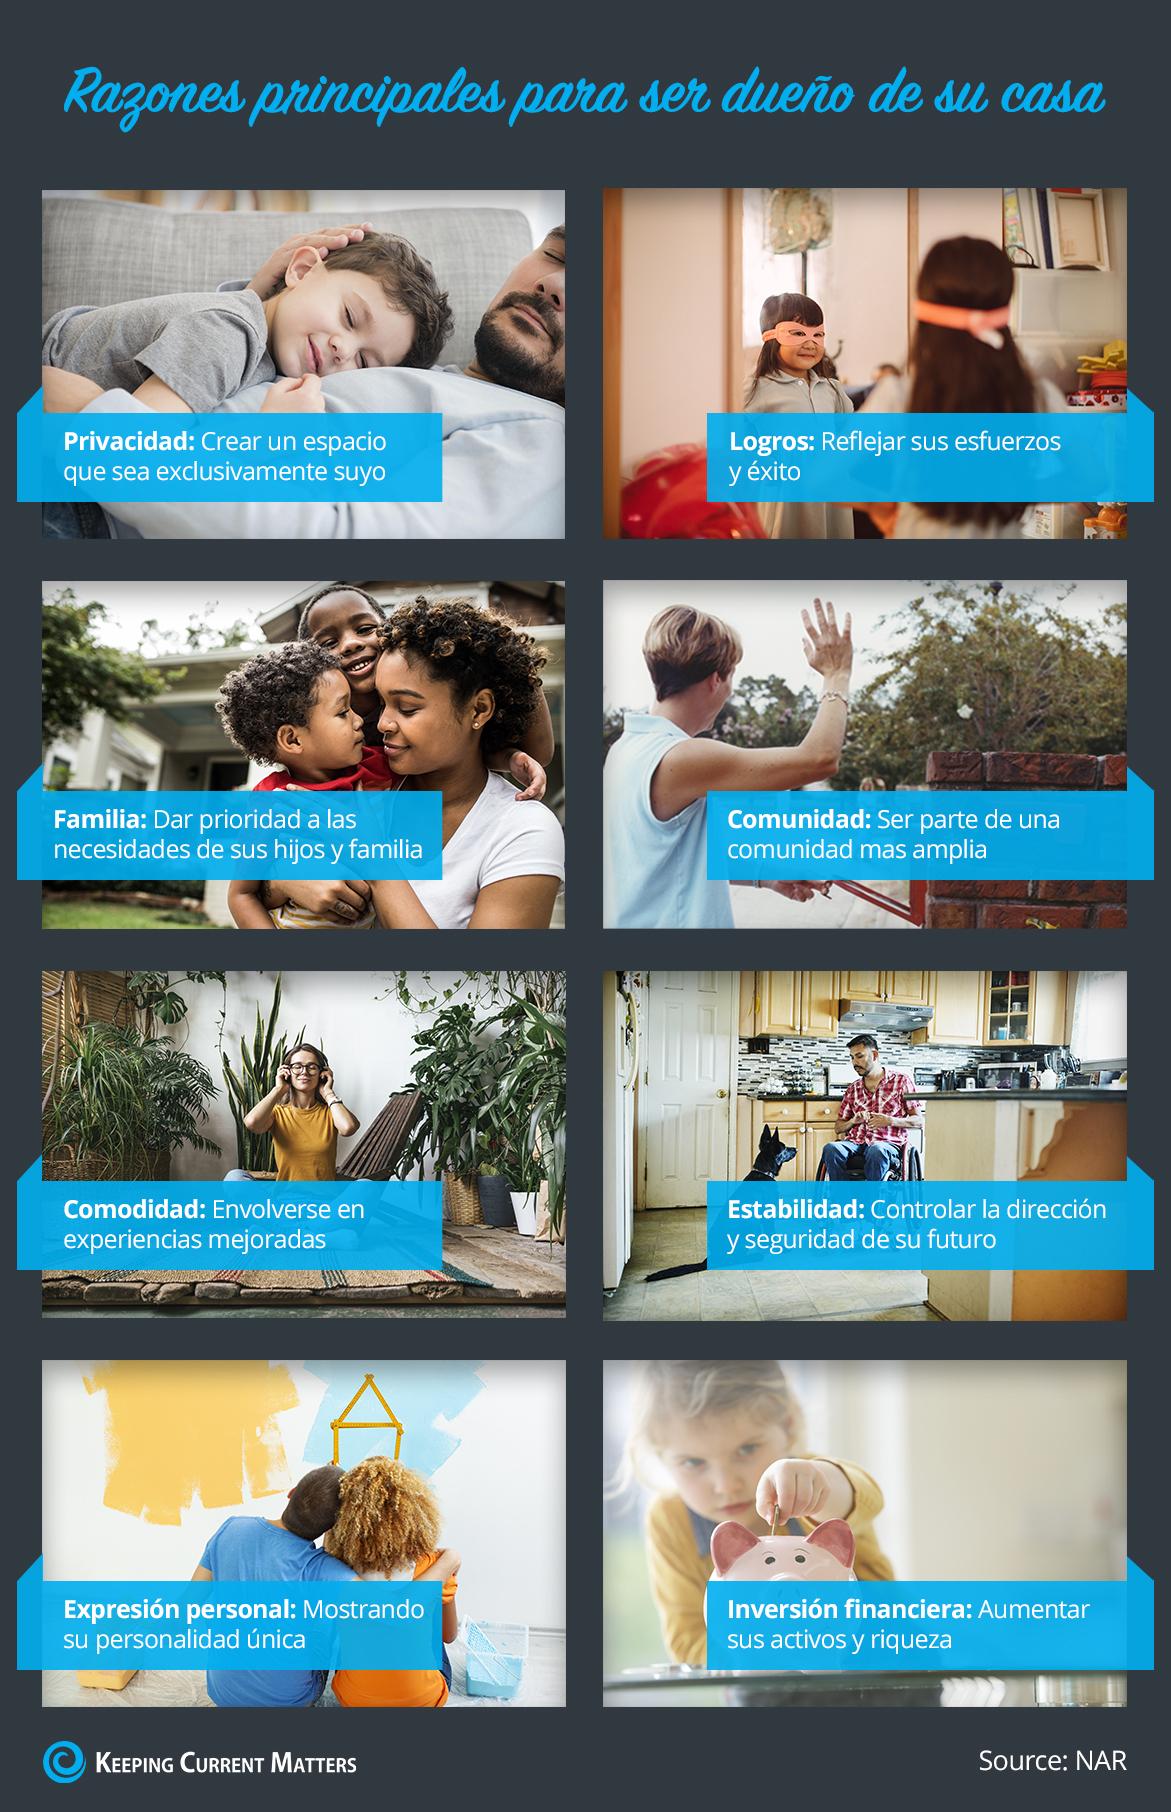 Razones principales para ser dueño de su casa [infografía] | Keeping Current Matters